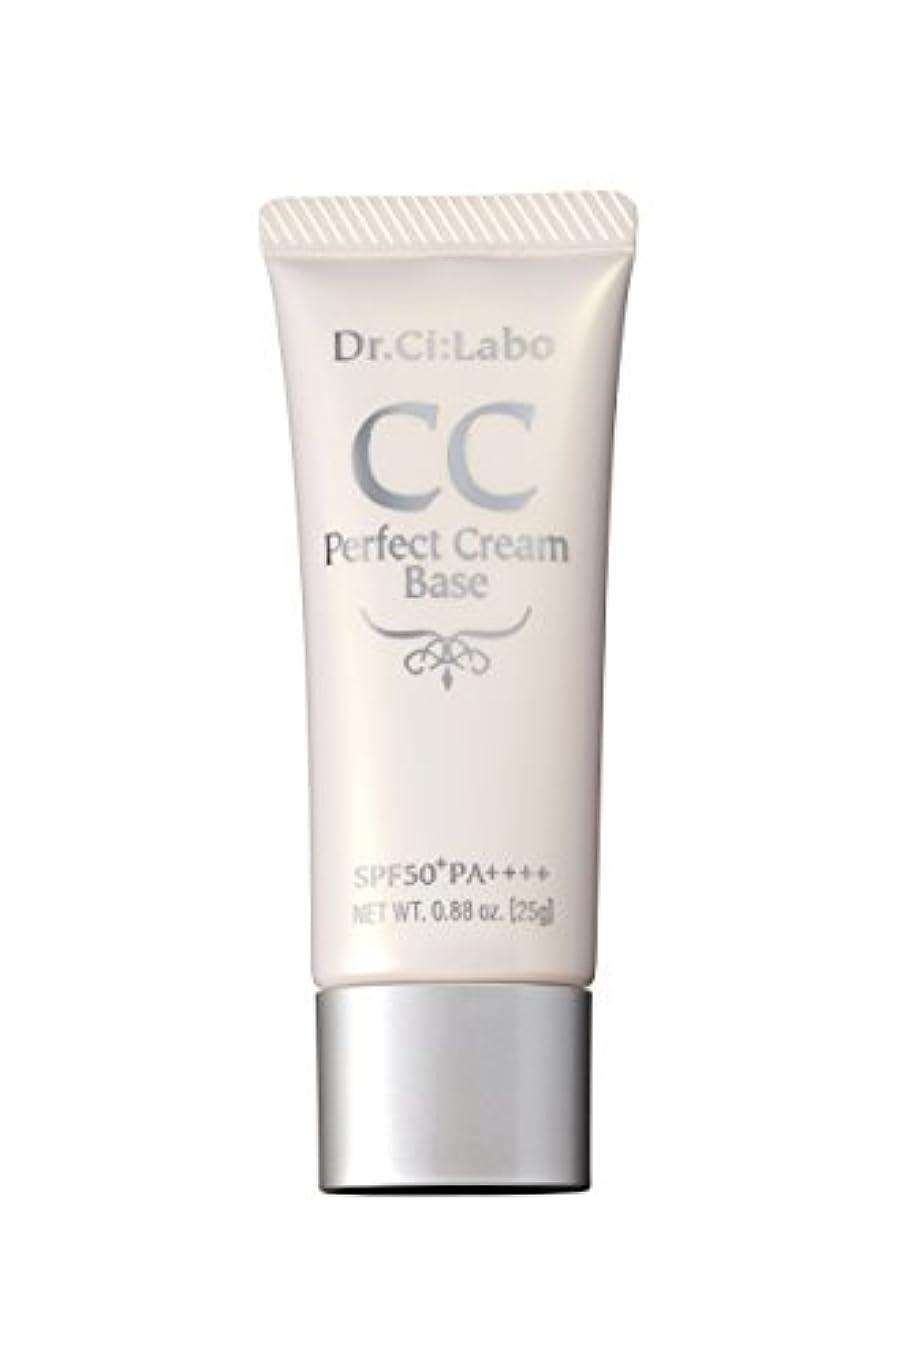 どこ文字通り生じるドクターシーラボ CCパーフェクトクリーム ベース 皮脂吸着パウダー配合 日焼け止め 化粧下地 ファンデーション